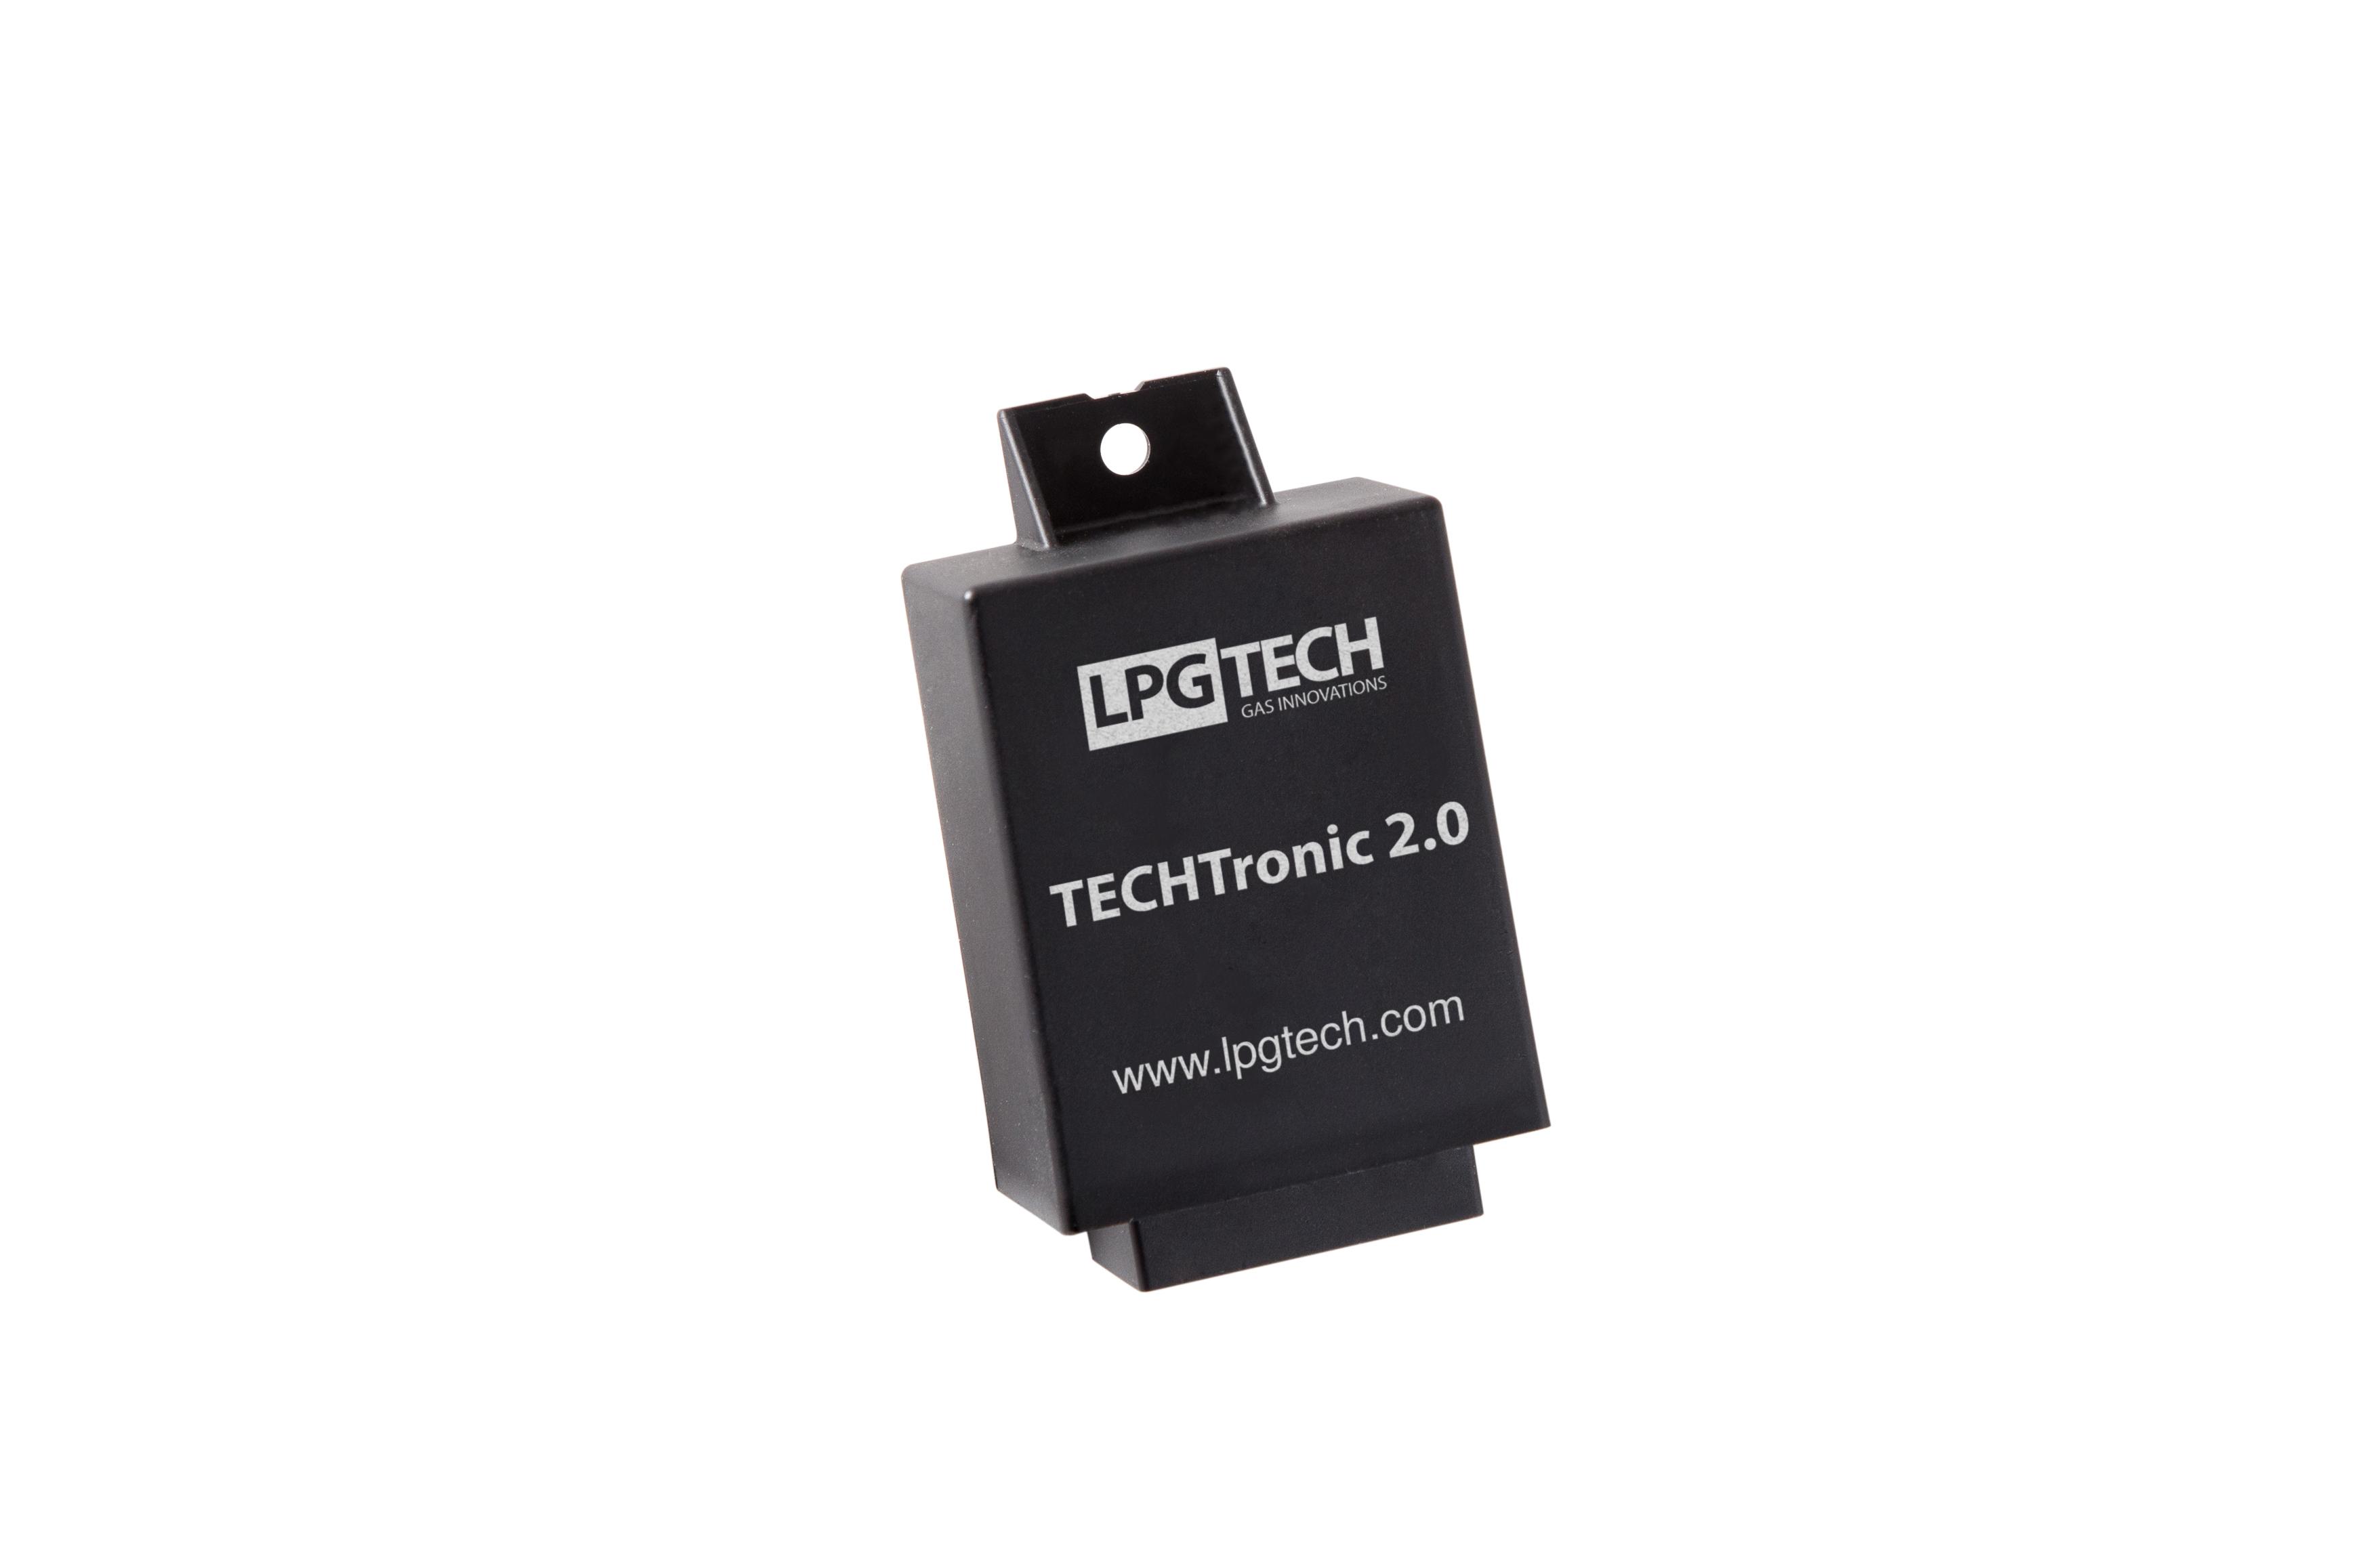 TECHTronic 2.0